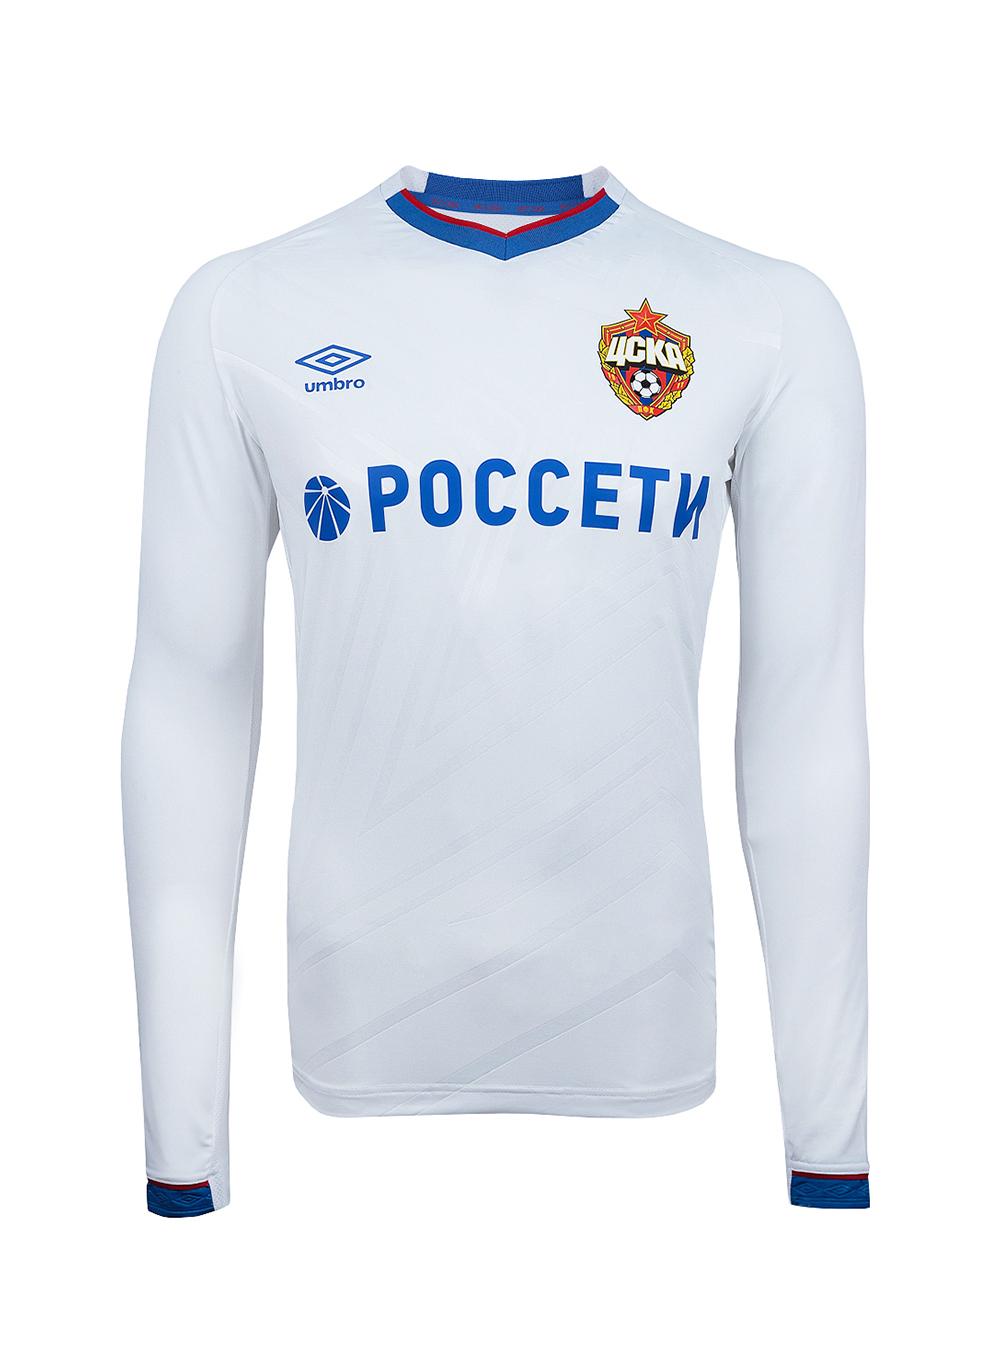 Купить Футболка игровая выездная с длинным рукавом 2019/2020 (XL) по Нижнему Новгороду